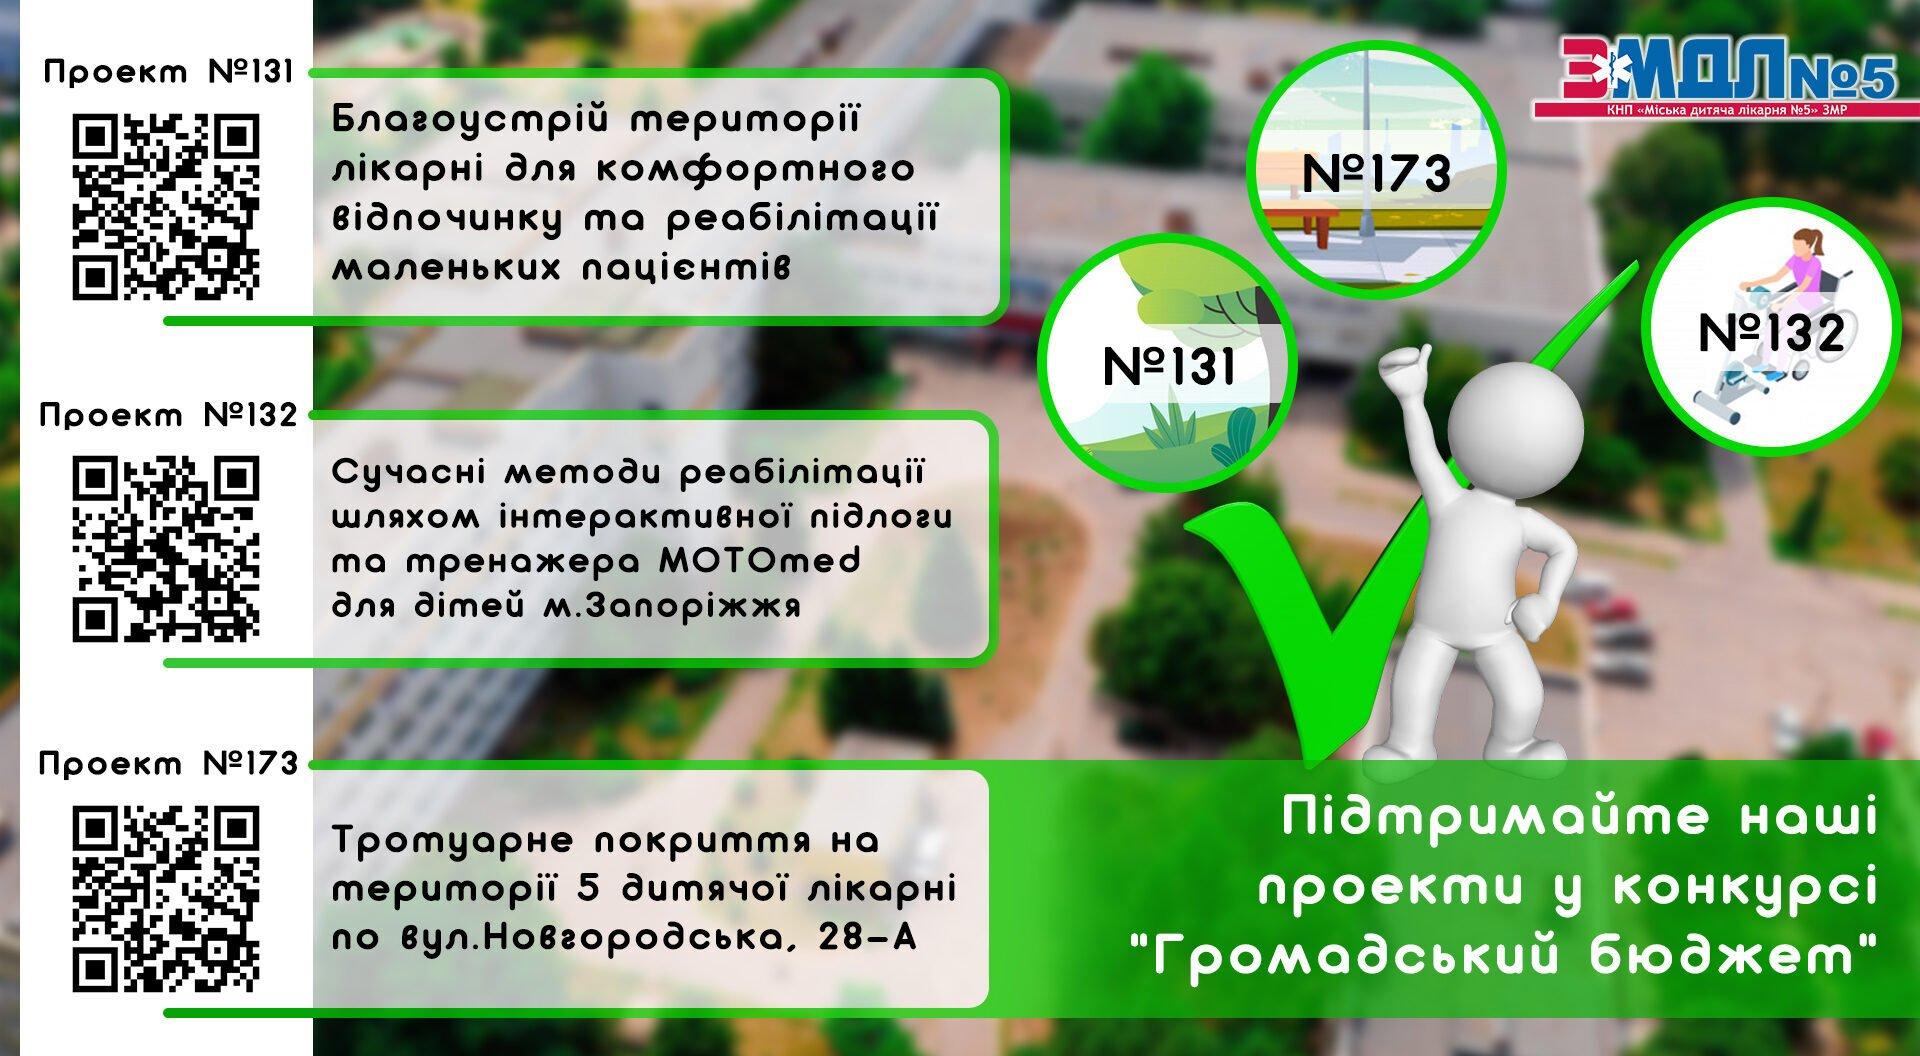 Підтримайте проекти лікарні у конкурсі «Громадський бюджет» Міська дитяча лікарня №5 детская больница Запорожье